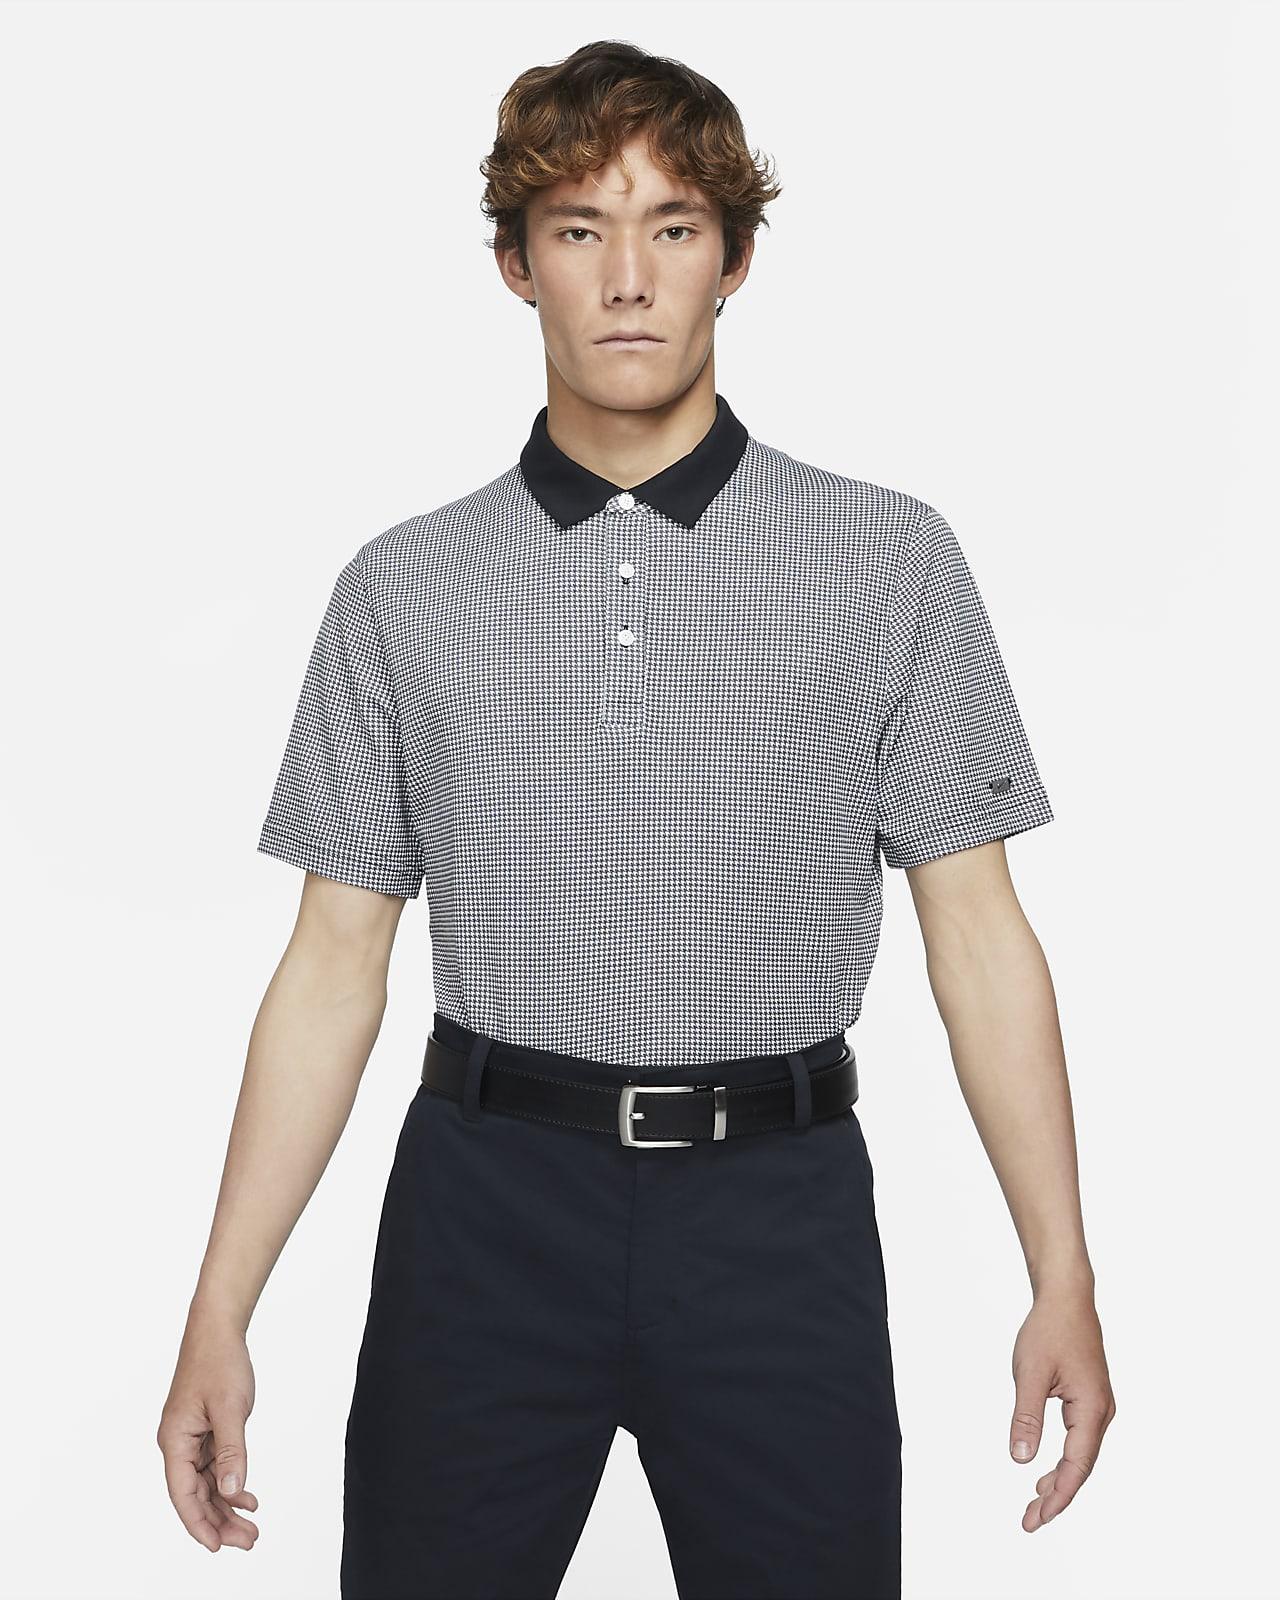 ナイキ Dri-FIT プレーヤー メンズ ゴルフポロ